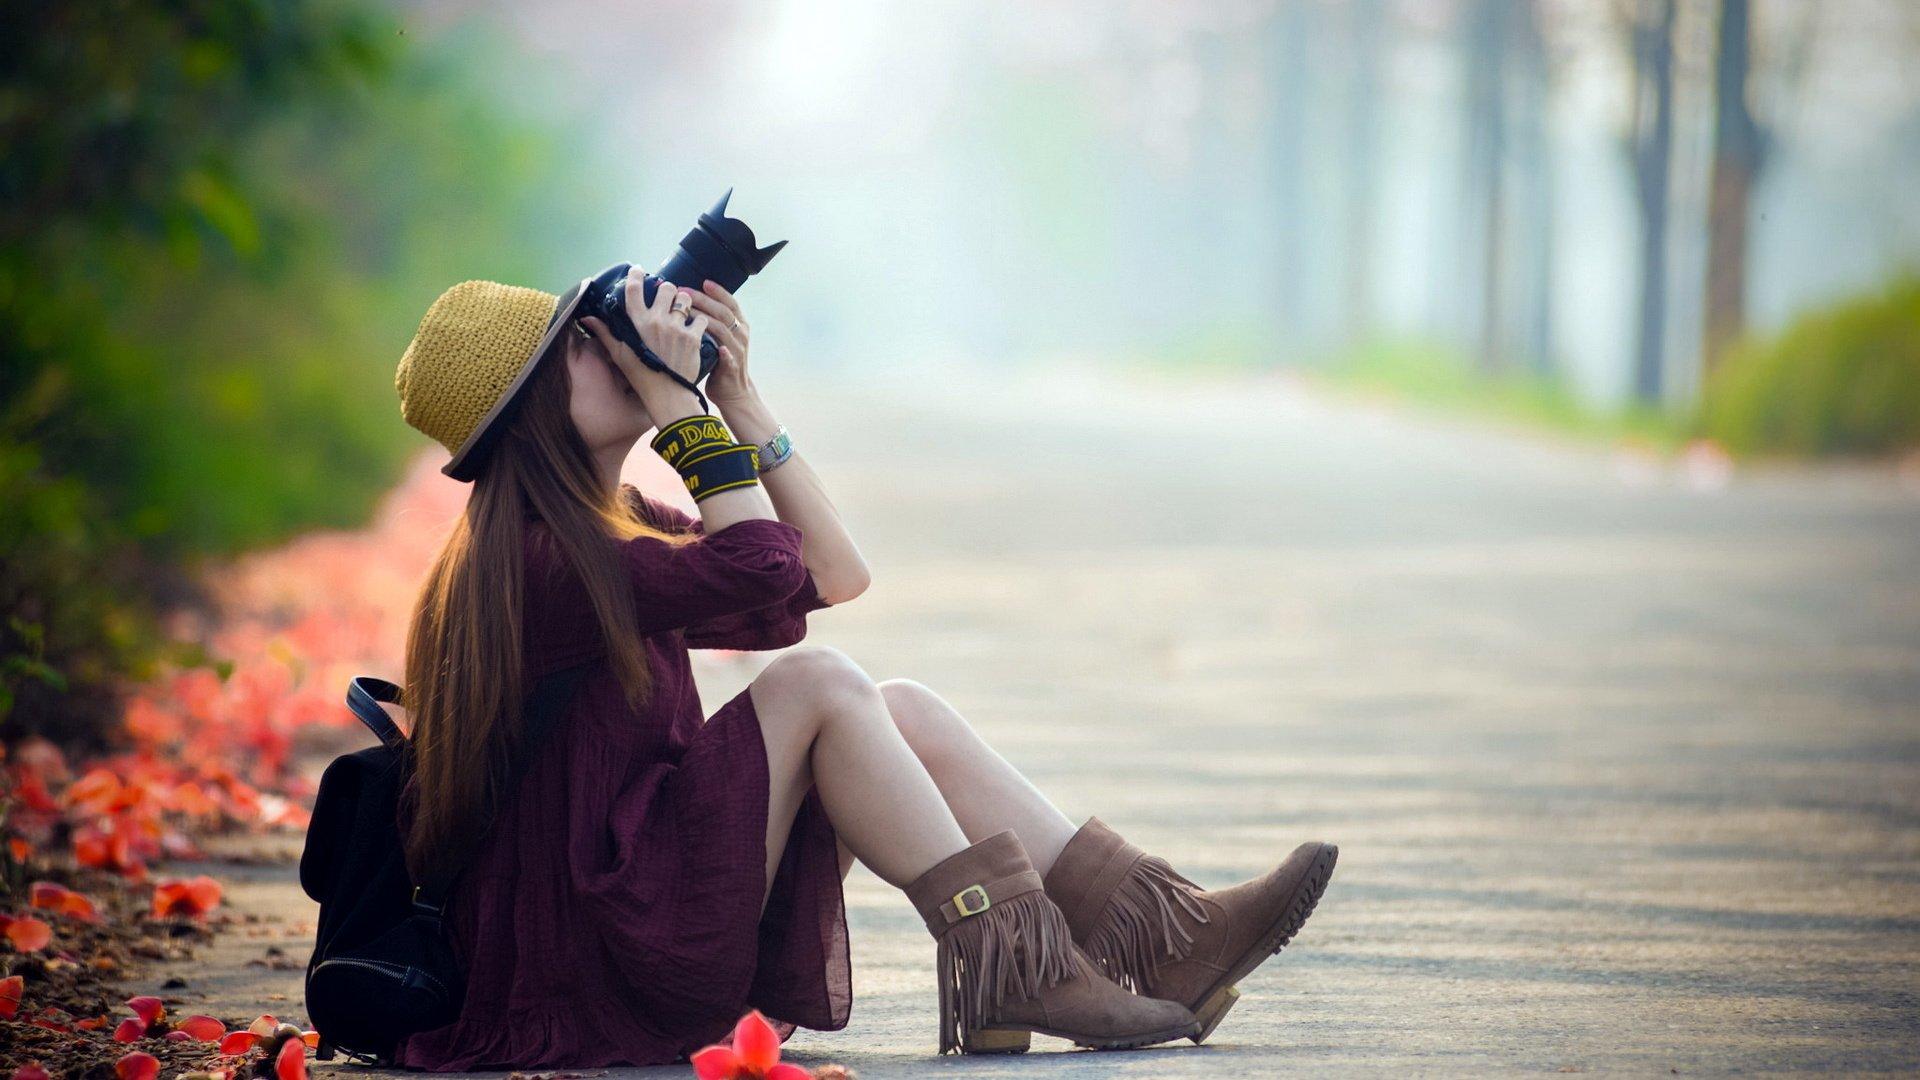 девушка дорога шляпа очки на телефон